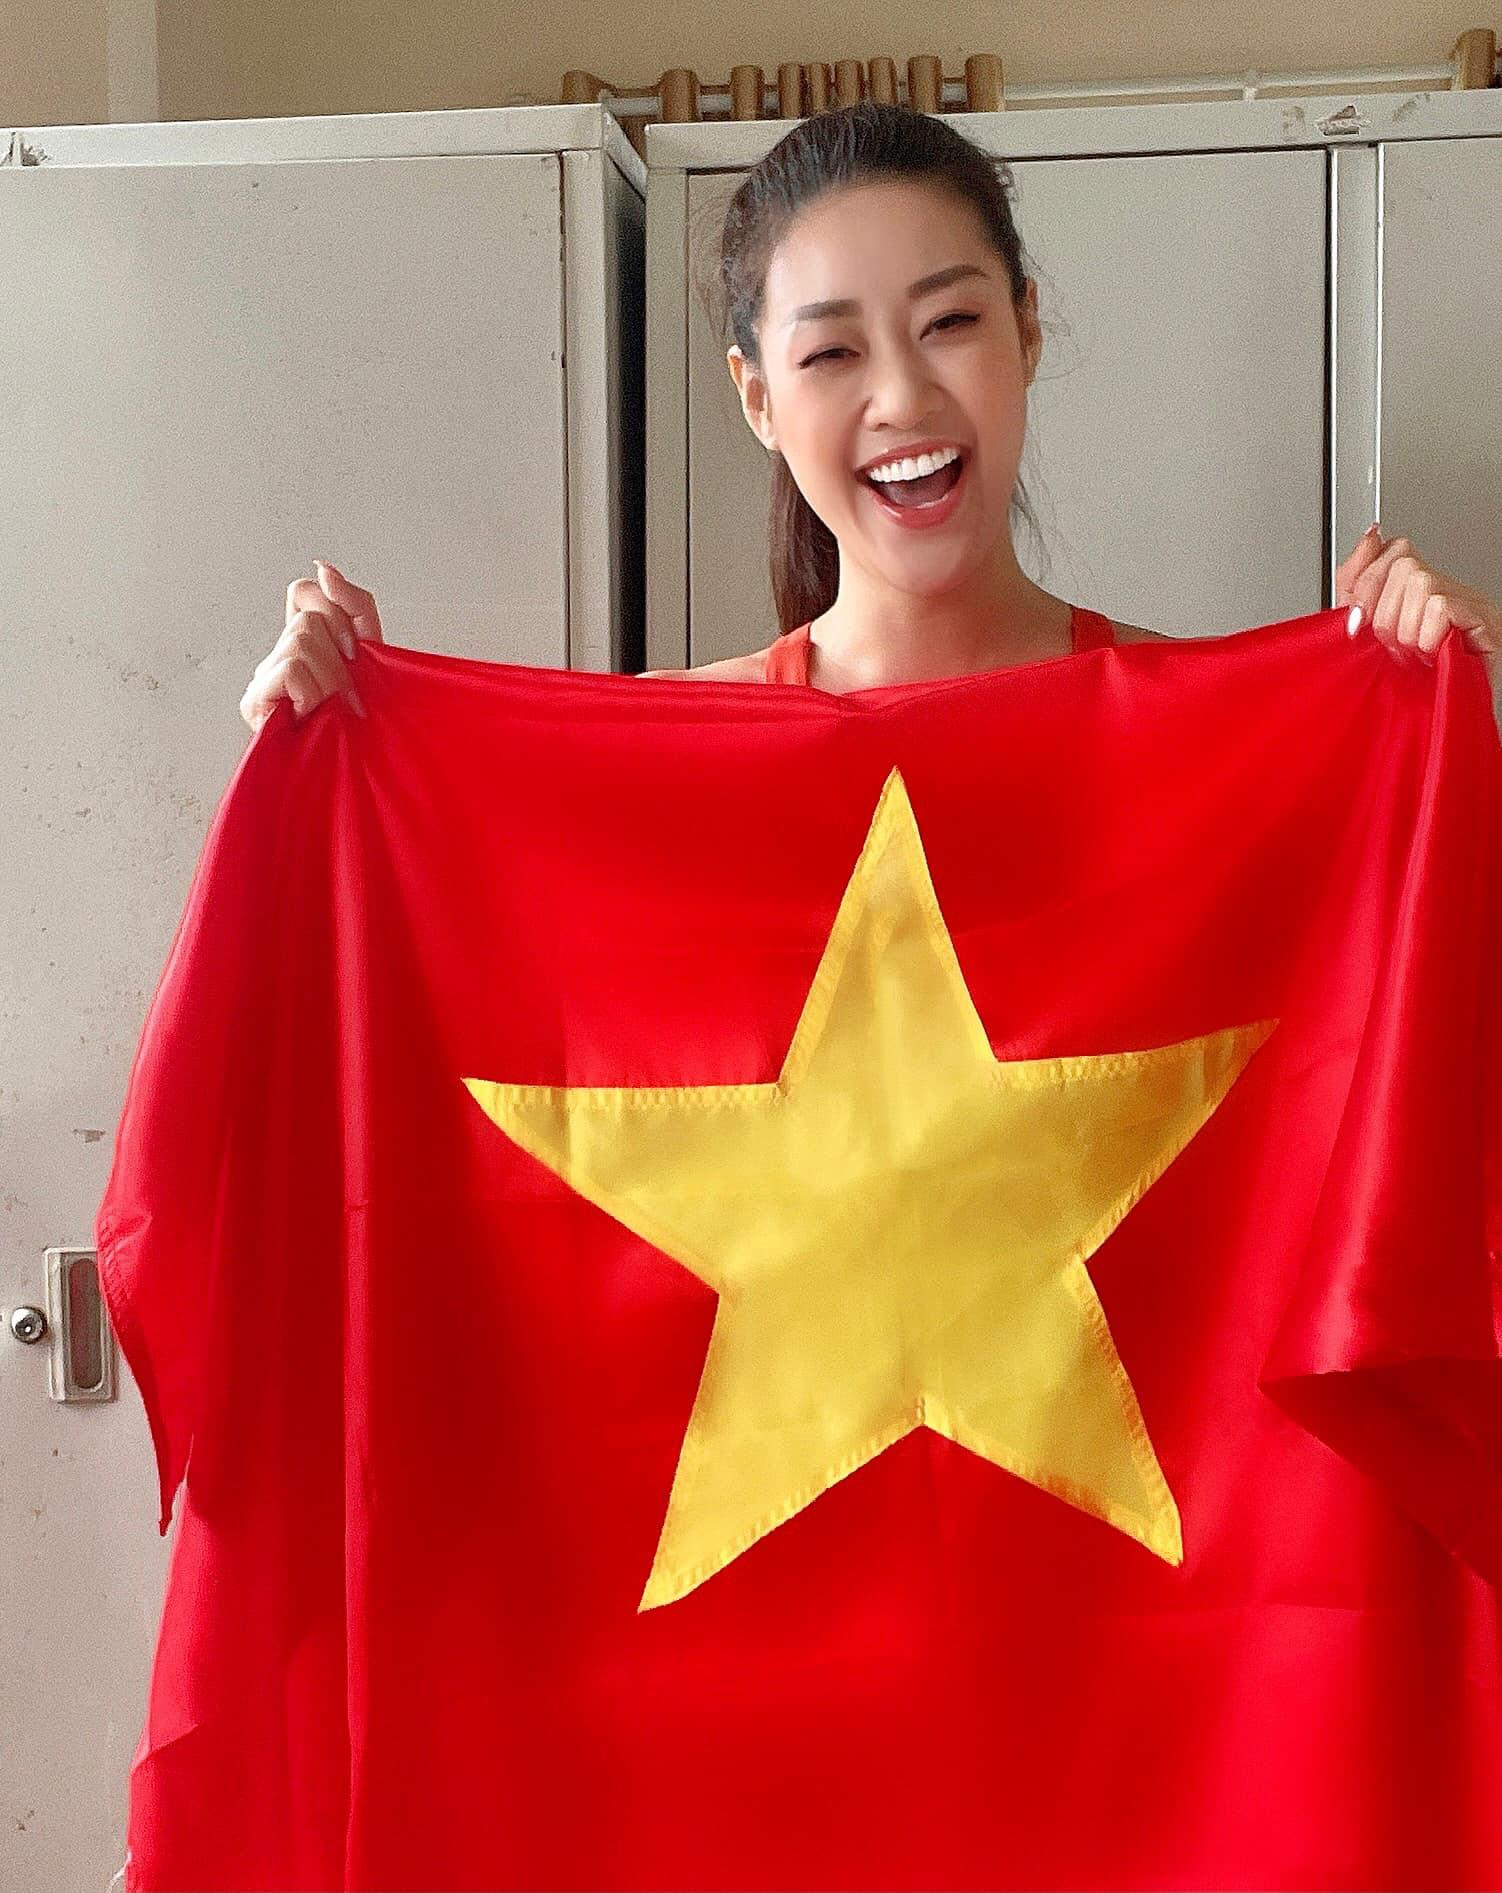 Ở trong khu cách ly, Khánh Vân vẫn giơ cao lá cờ Việt Nam, cổ vũ tinh thần cho đội tuyển trước trận gặp Malaysia tối nay.